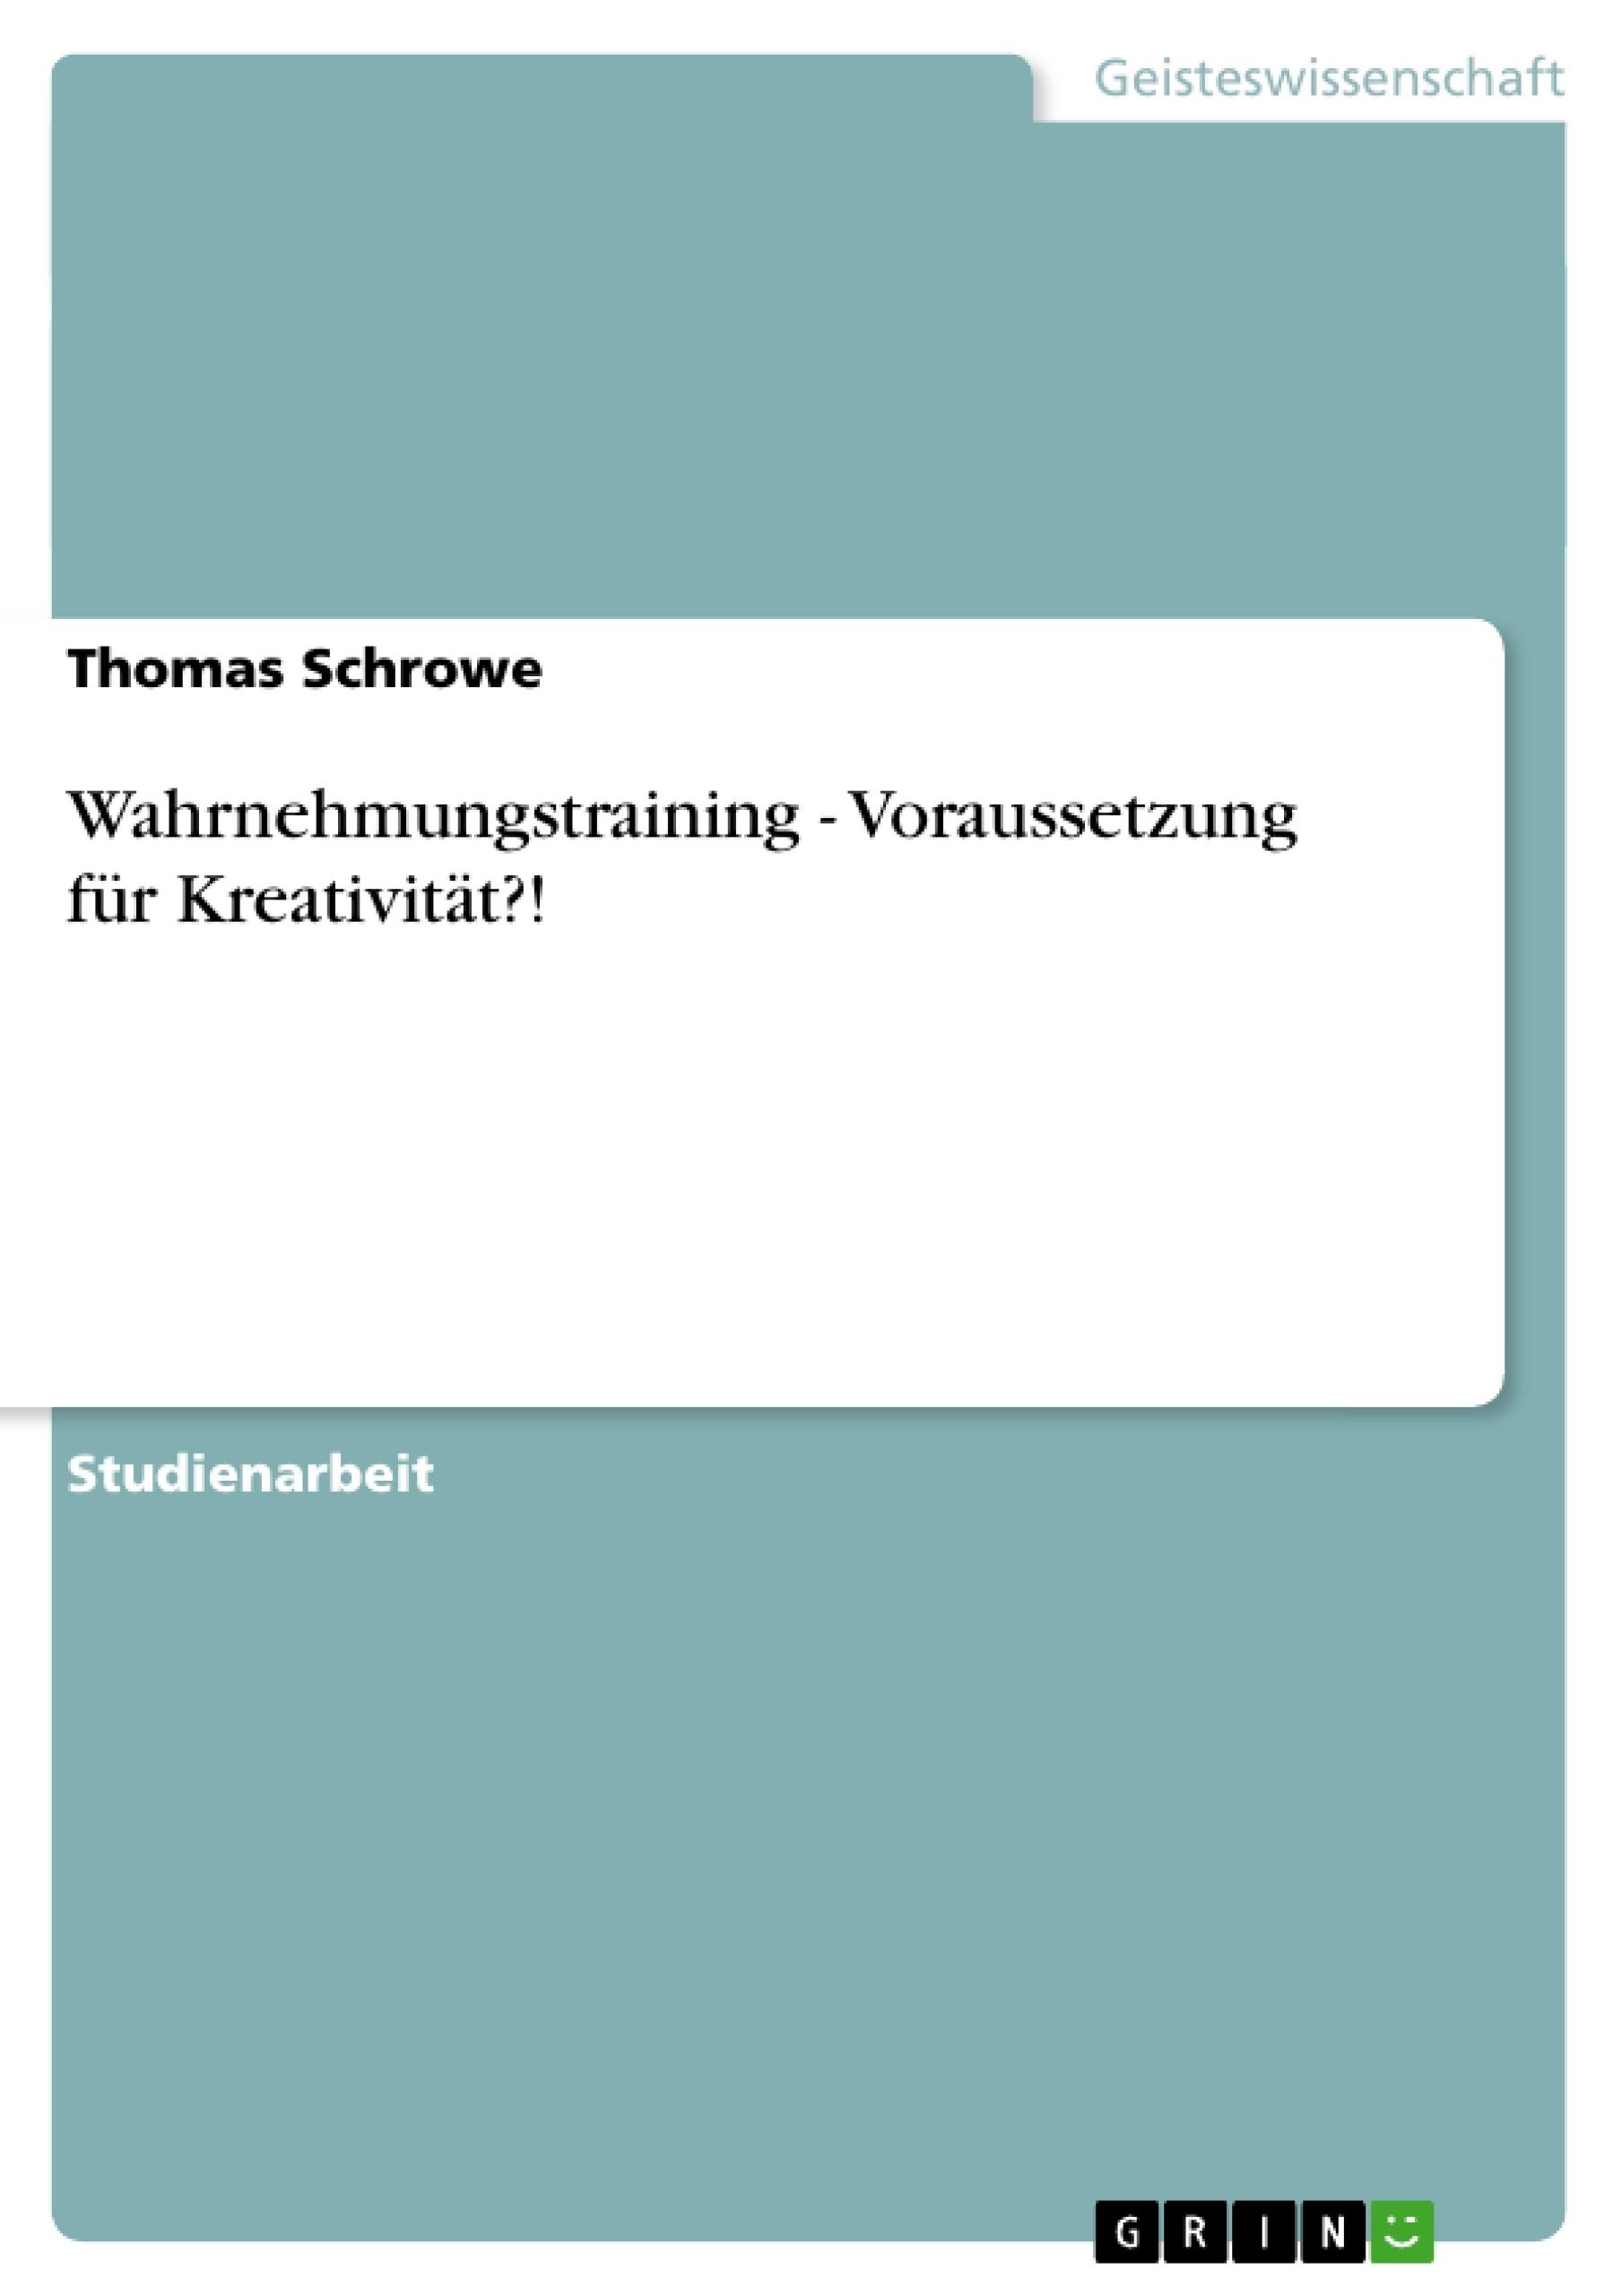 Titel: Wahrnehmungstraining - Voraussetzung für Kreativität?!